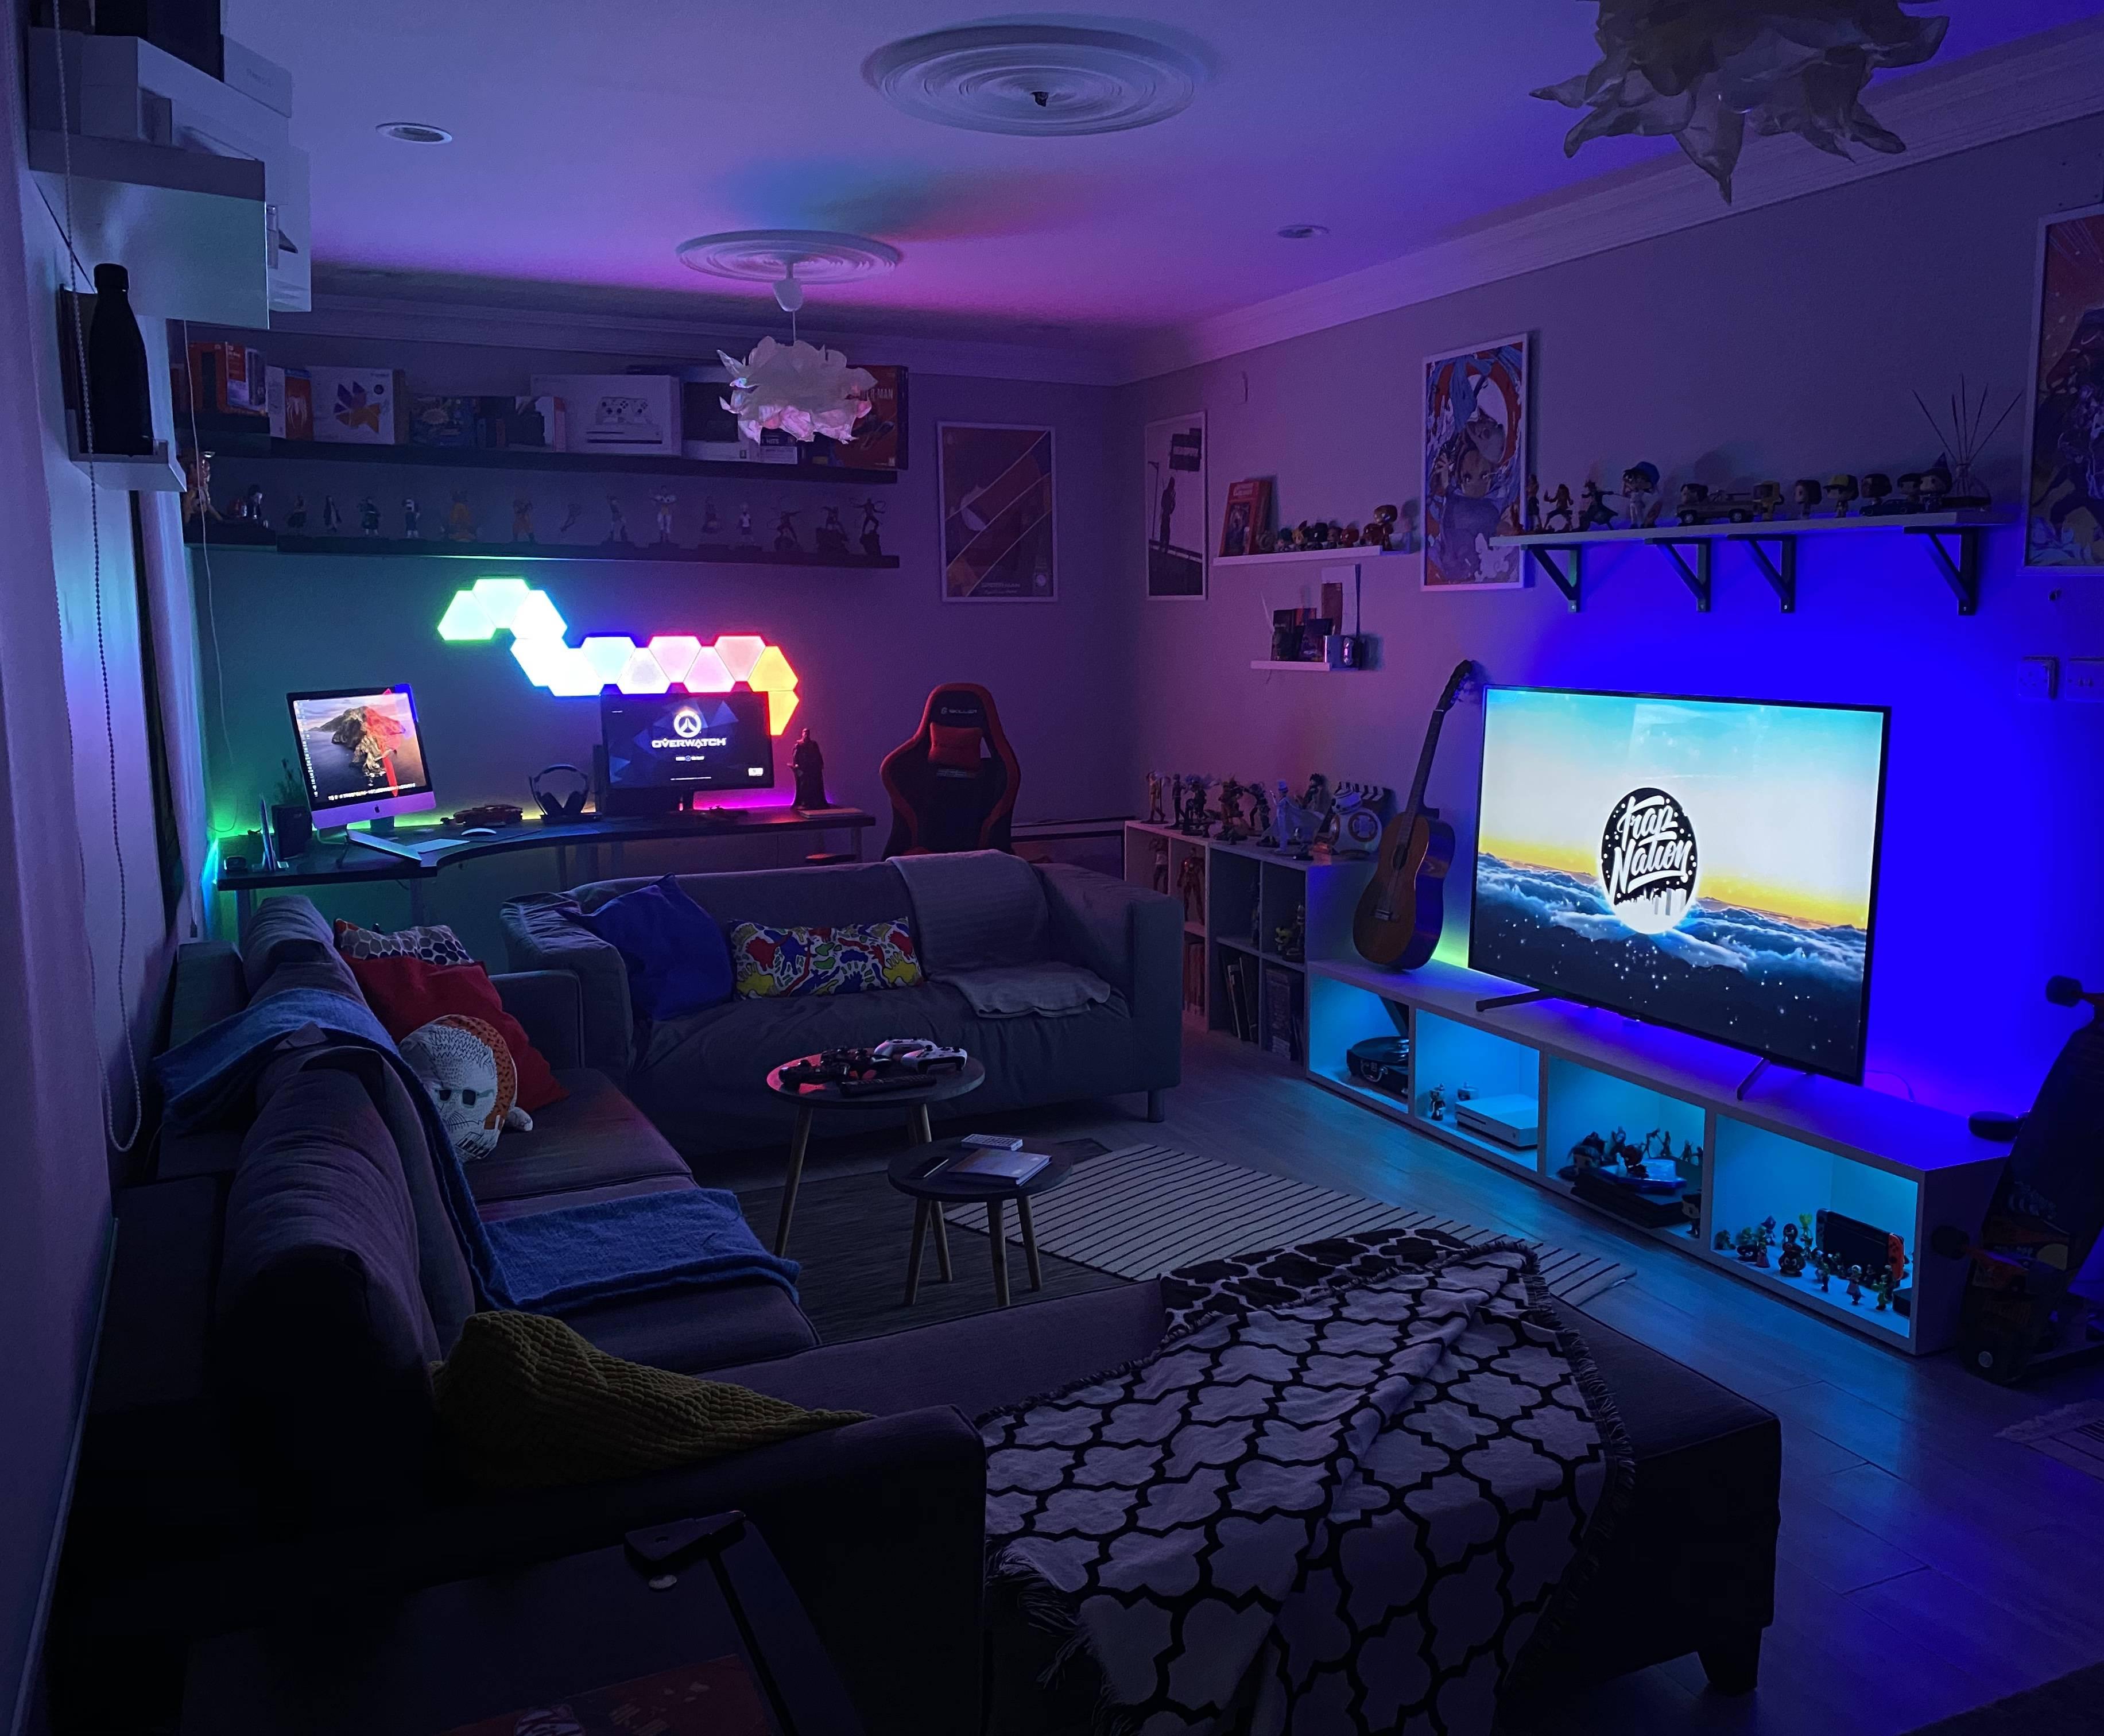 Nawaf1's Setup - My gaming room  | Scooget